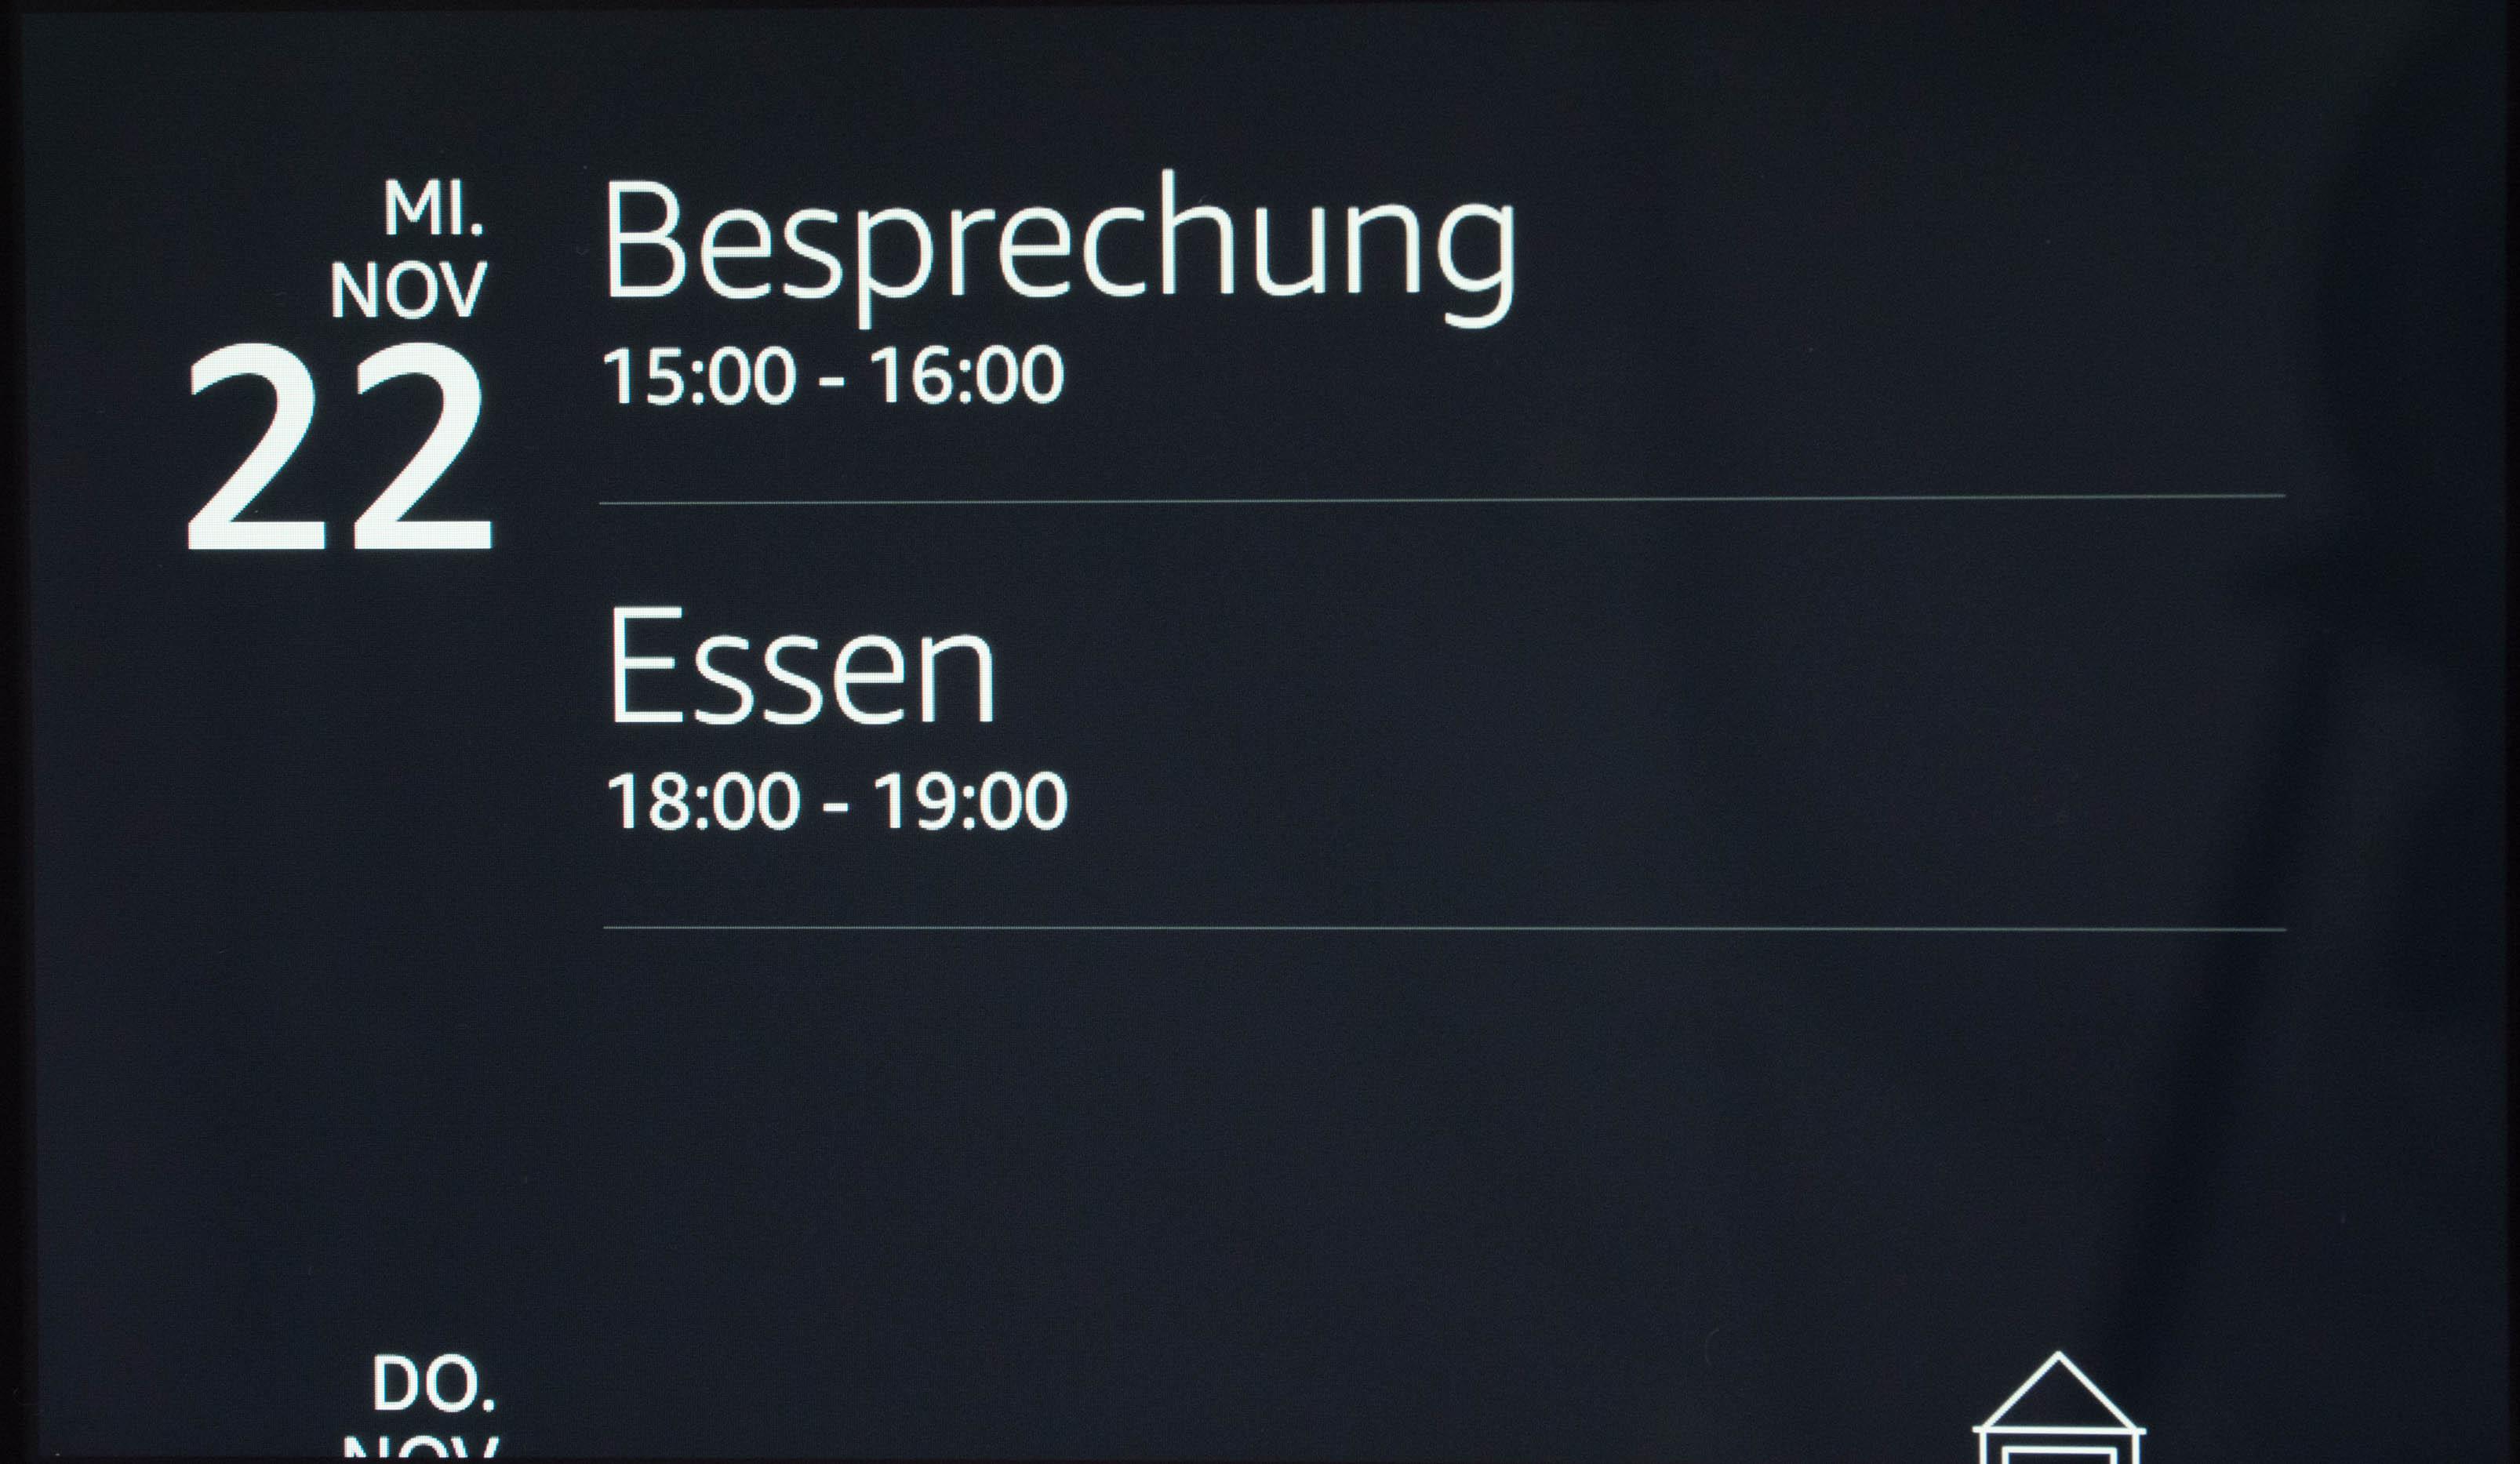 Echo Show vs. Fire HD 10 im Test: Alexa, zeig's mir! - Echo Show zeigt alle Termine auf Zuruf an. (Bild: Martin Wolf/Golem.de)